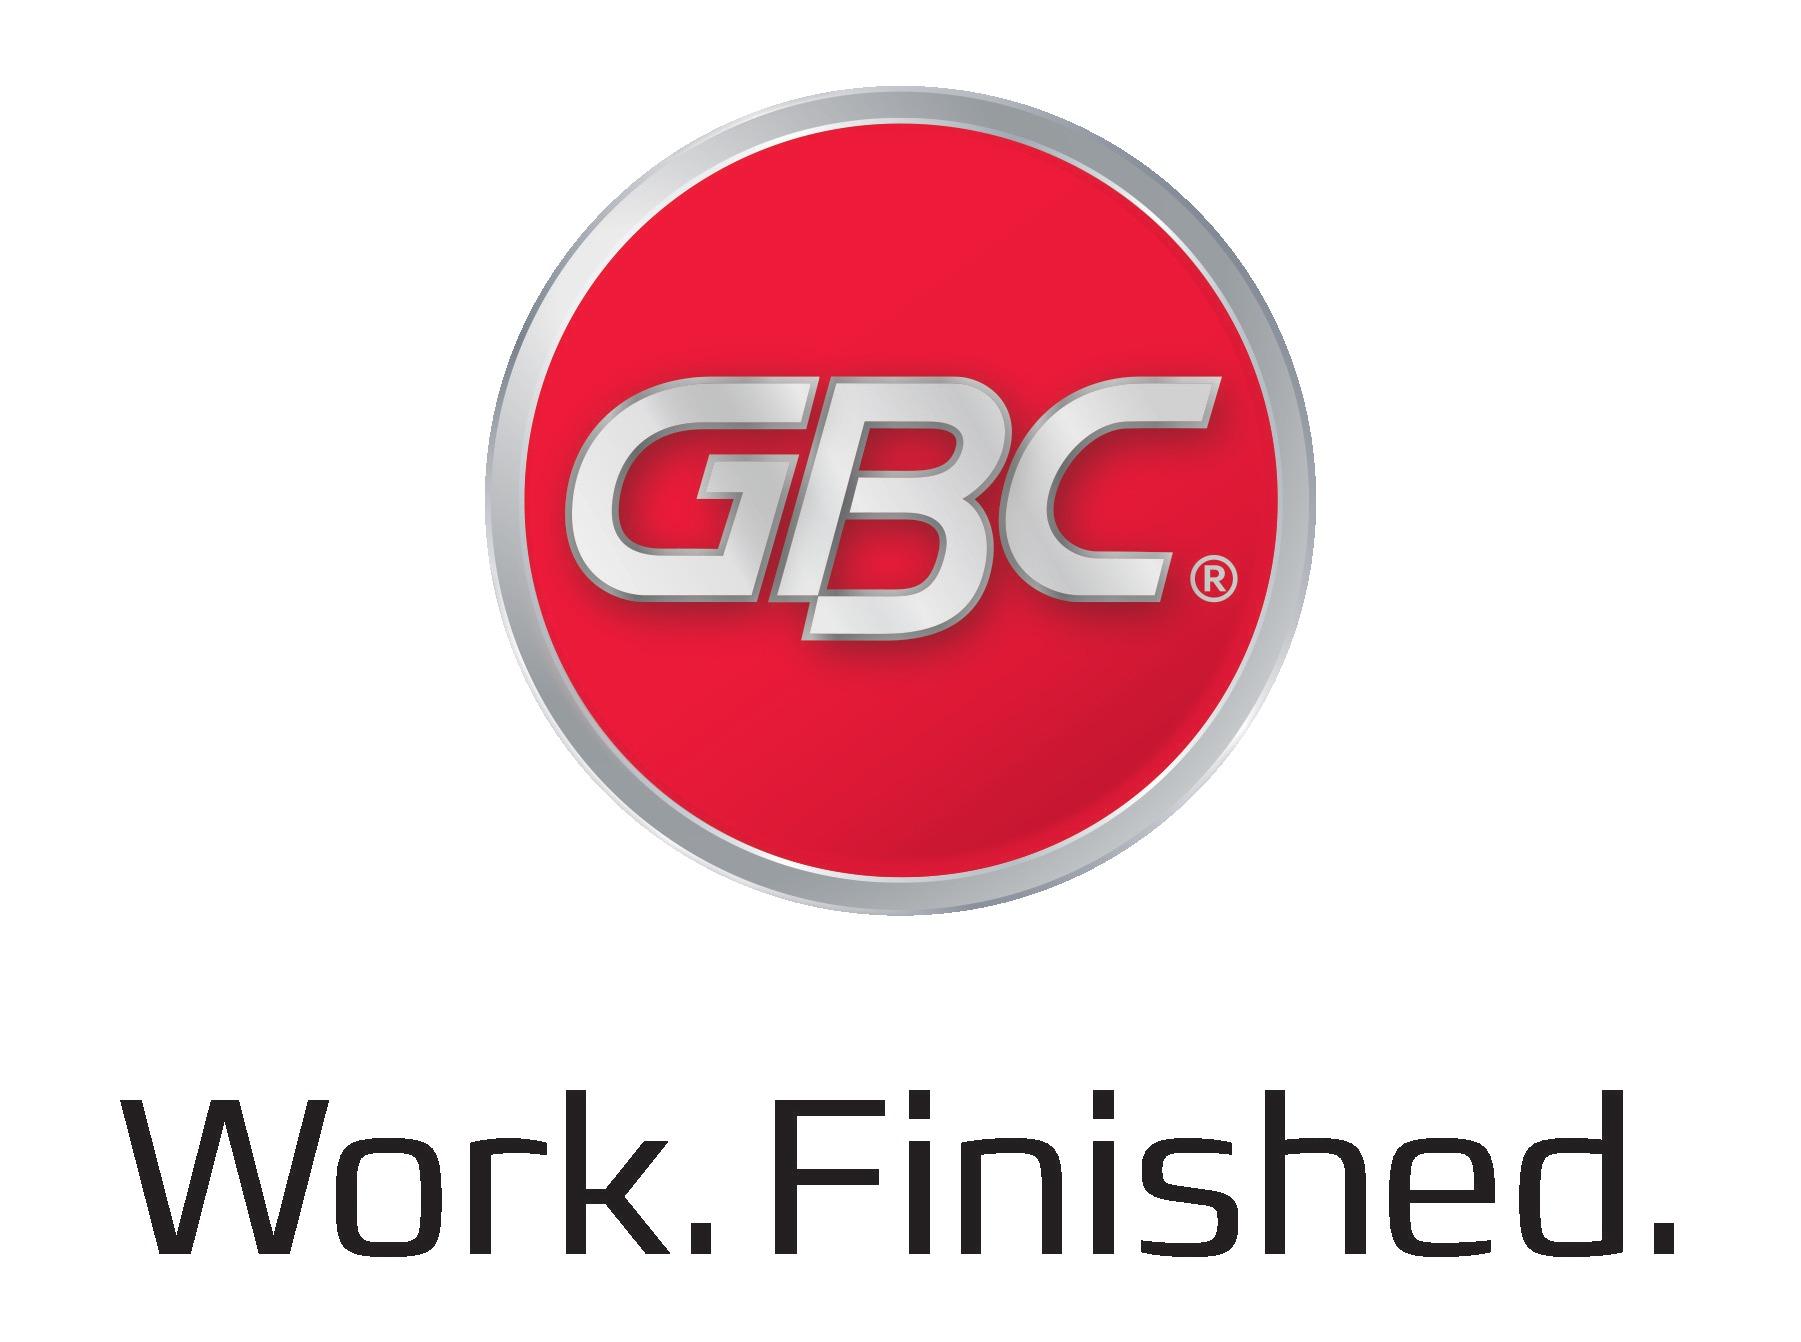 ACCO GBC_Final_Logo_Tagline_Bottom_CMYK_black